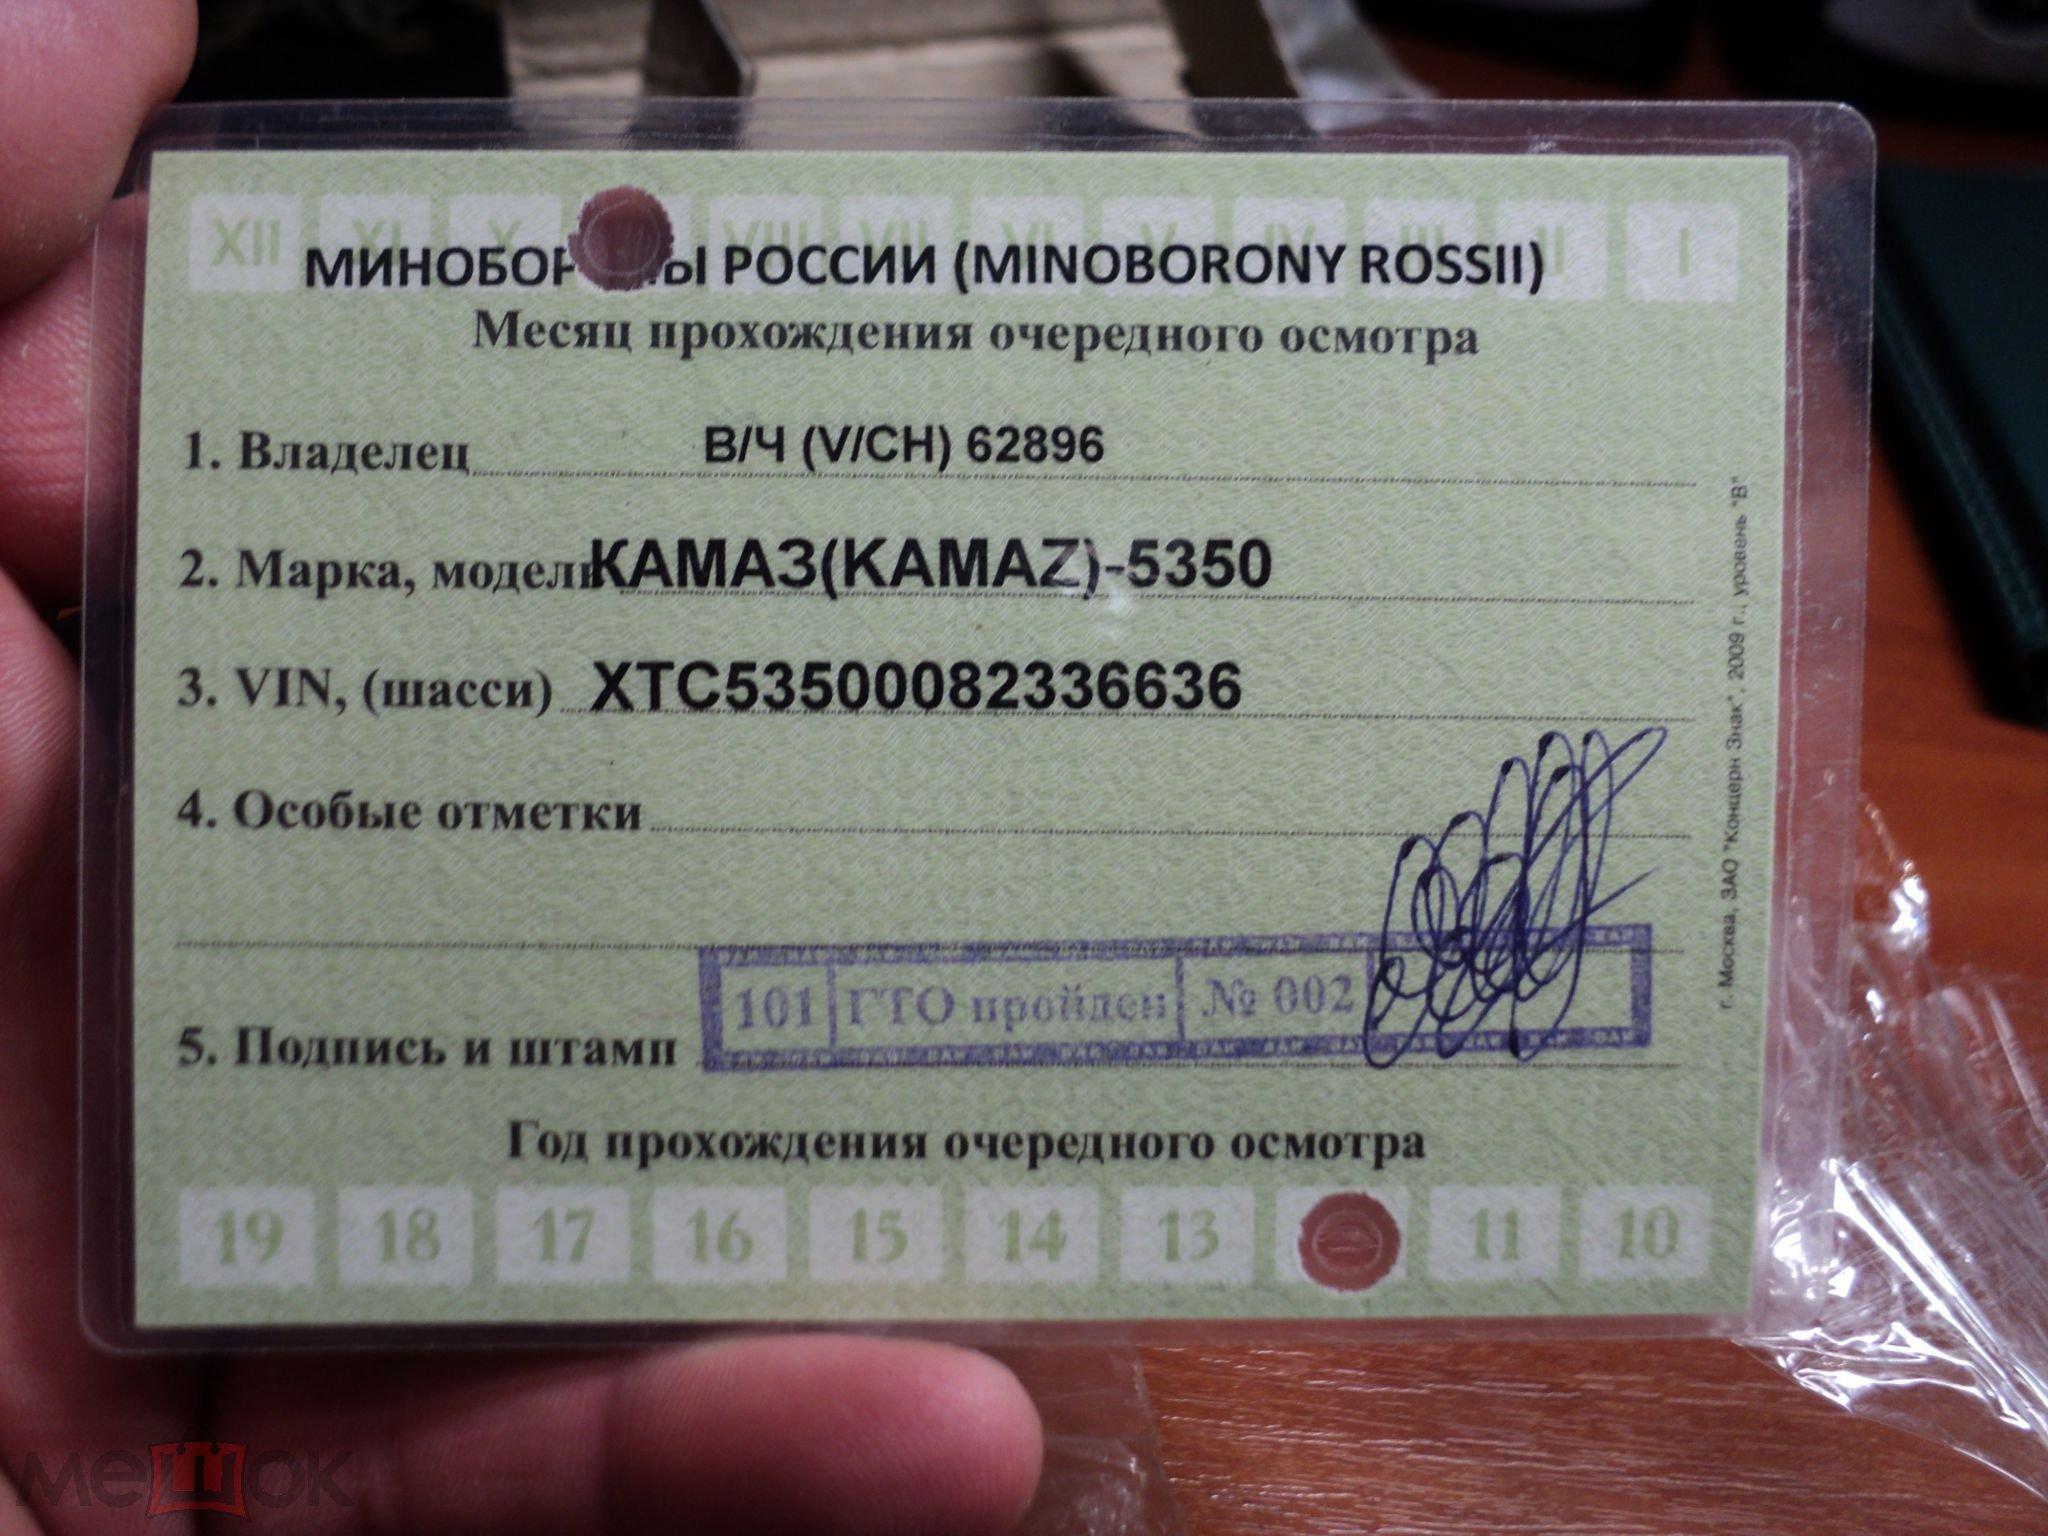 Как правильно заполня бланк от мтс киргизоа